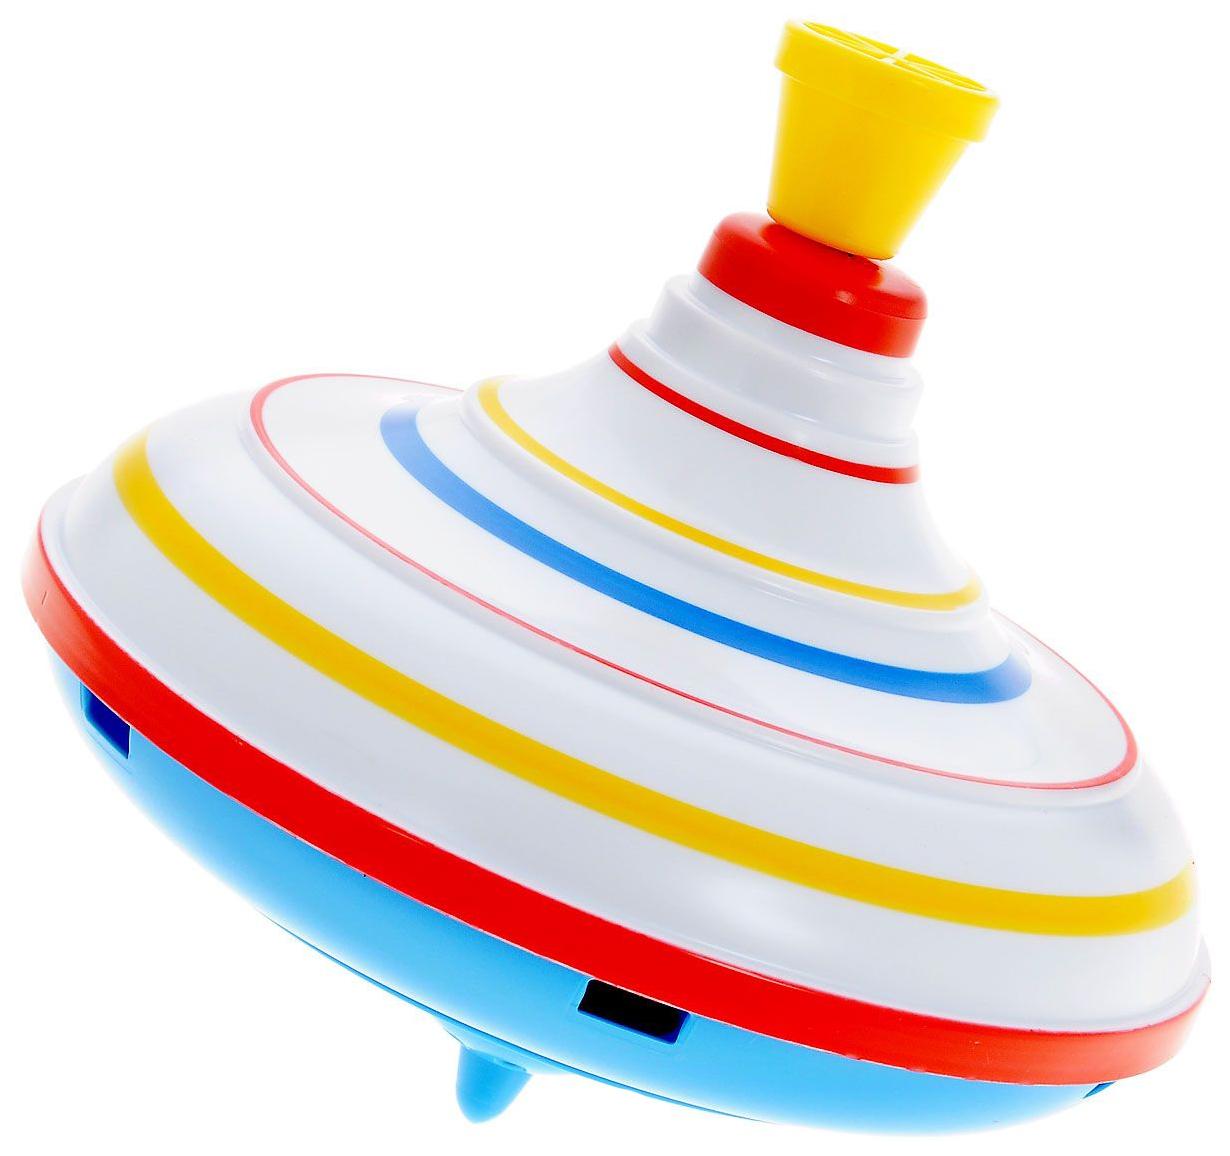 Купить Развивающая игрушка Stellar Юла большая в упаковке 14 шт., Интерактивные развивающие игрушки